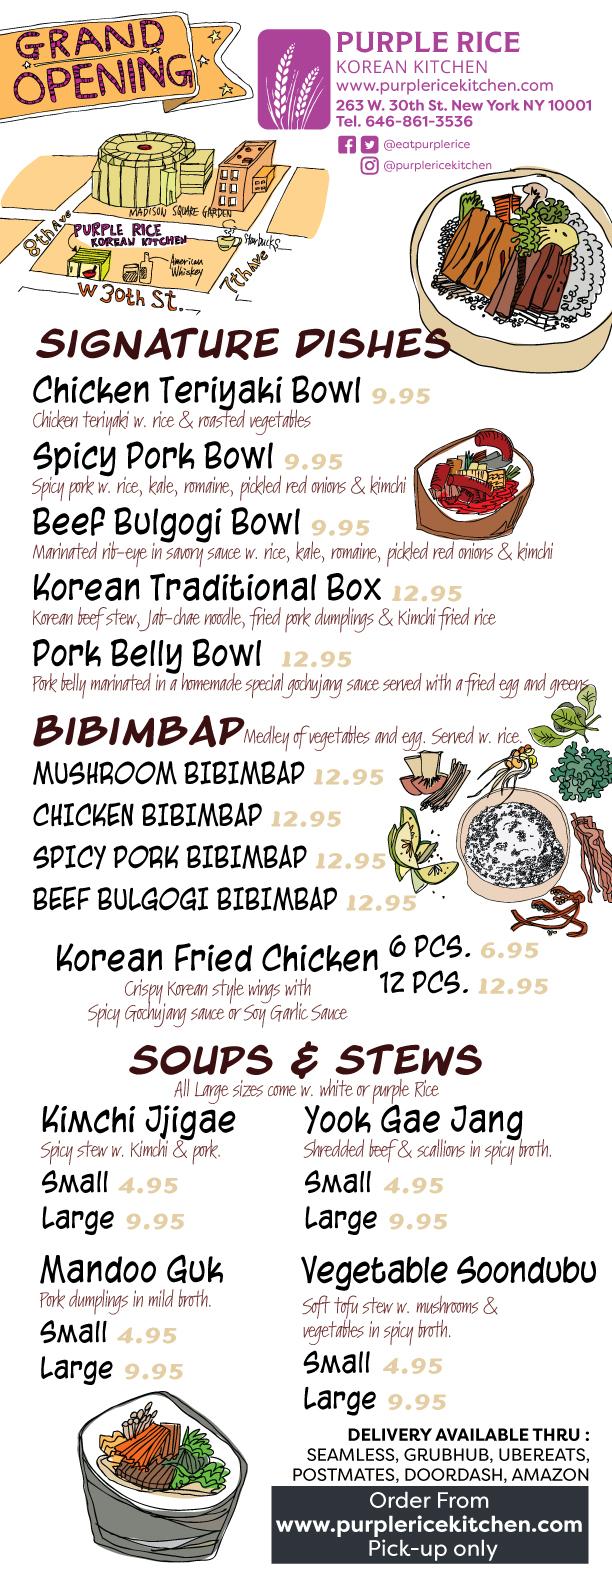 Purple-rice-korean-kitchen-in-store-menu-front